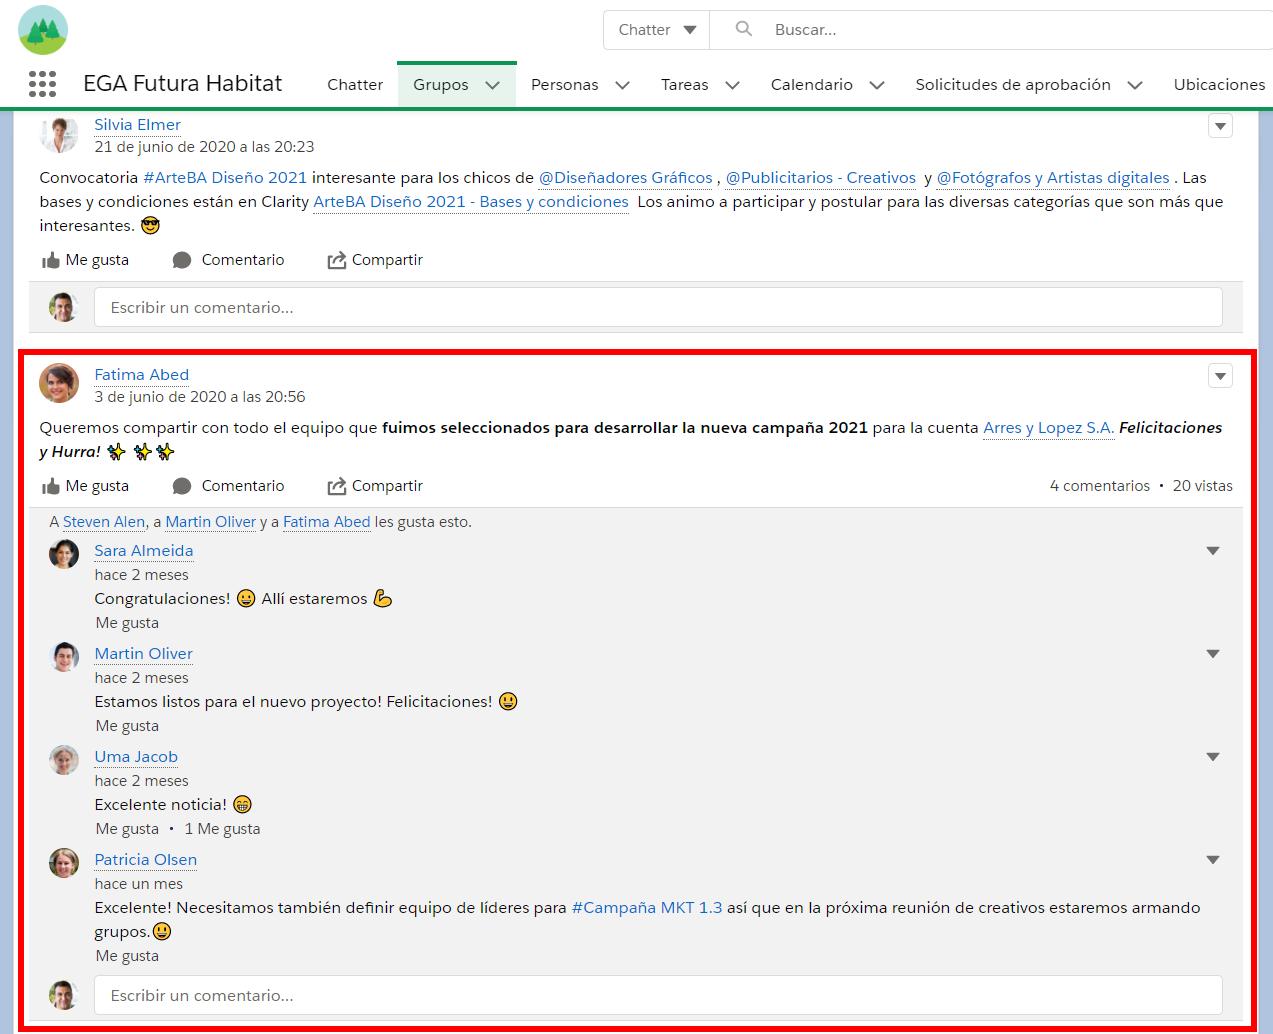 Comentarios de una publicacion de Chatter EGA Futura ERP nube